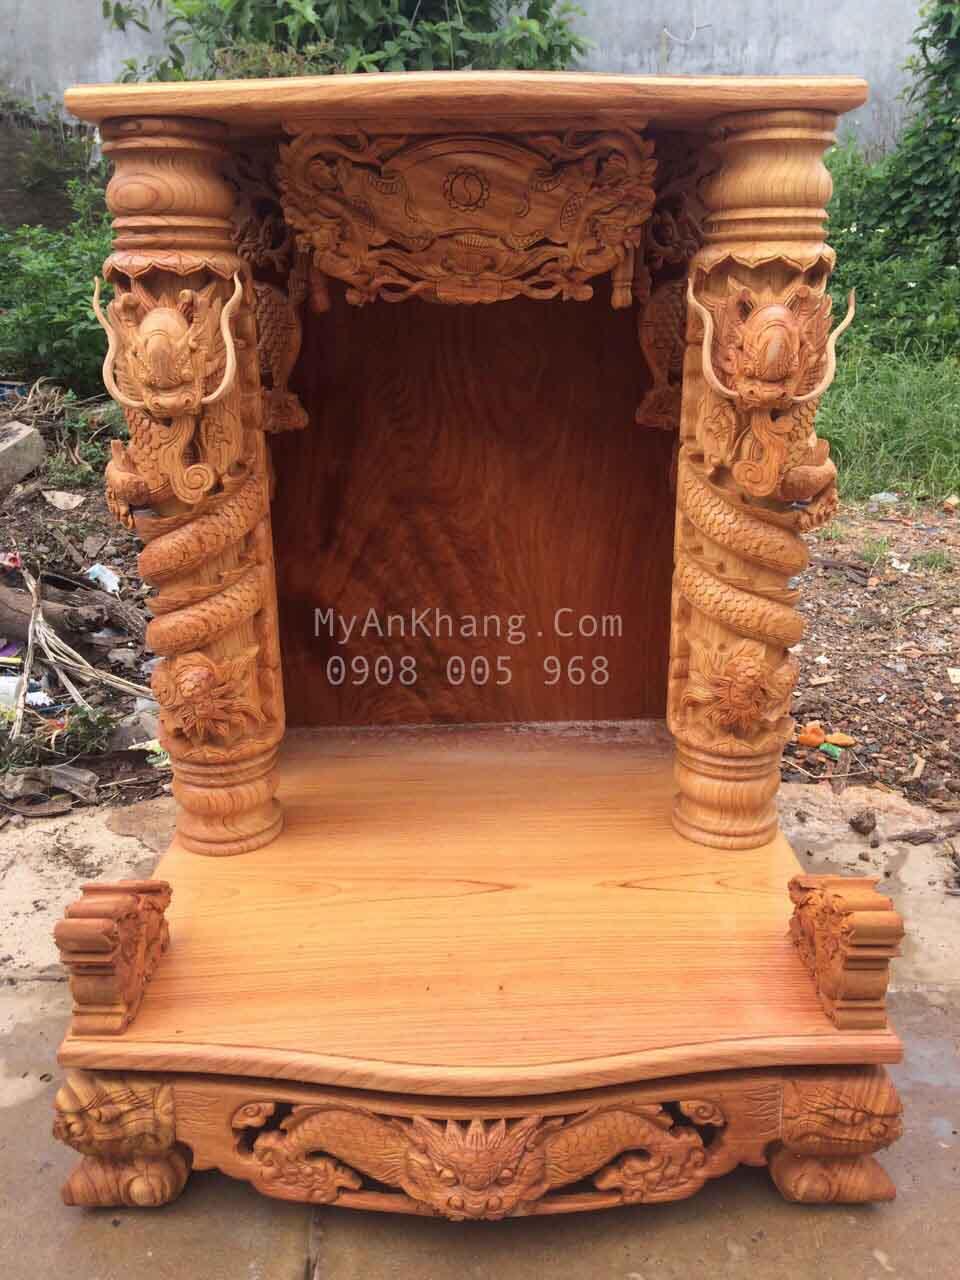 Xưởng sản xuất bàn thờ ông địa thần tài